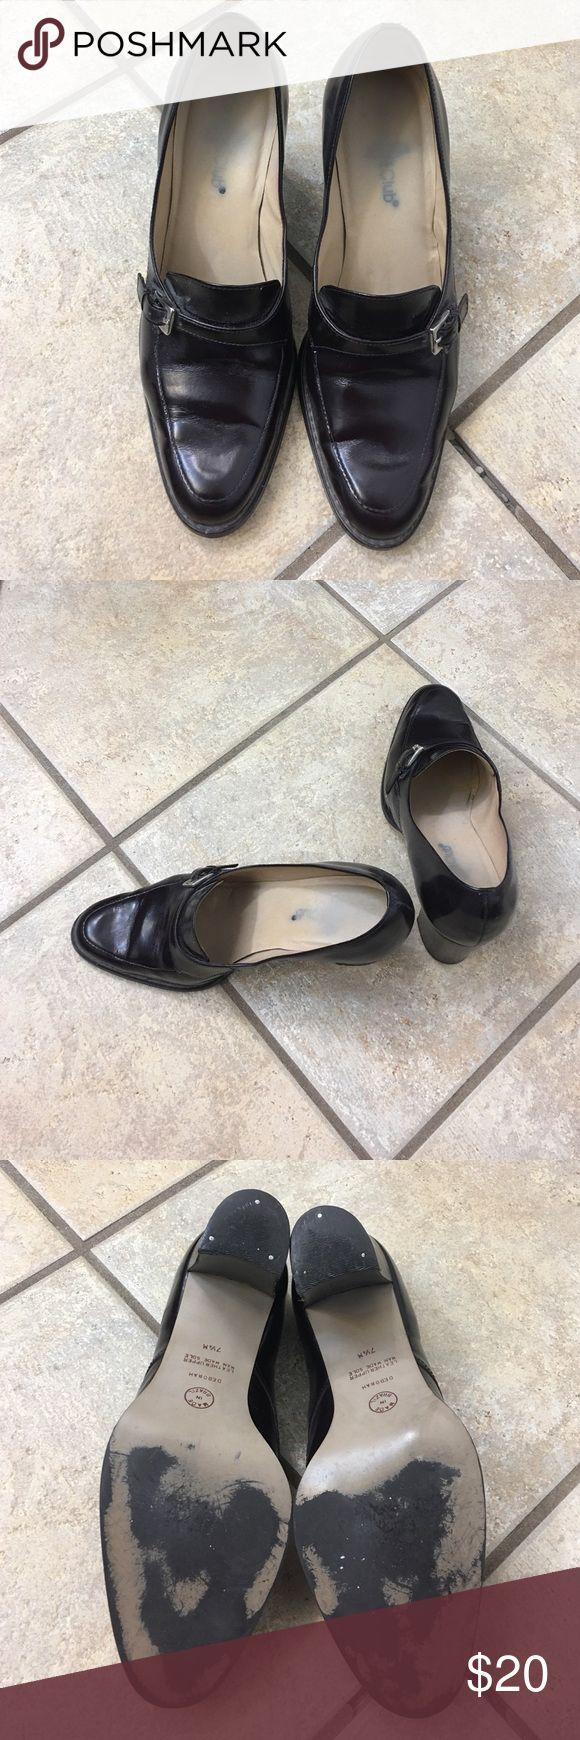 Hunt Club Women's Heels Hunt Club Heels // Deborah // size 7.5 Shoes Heels